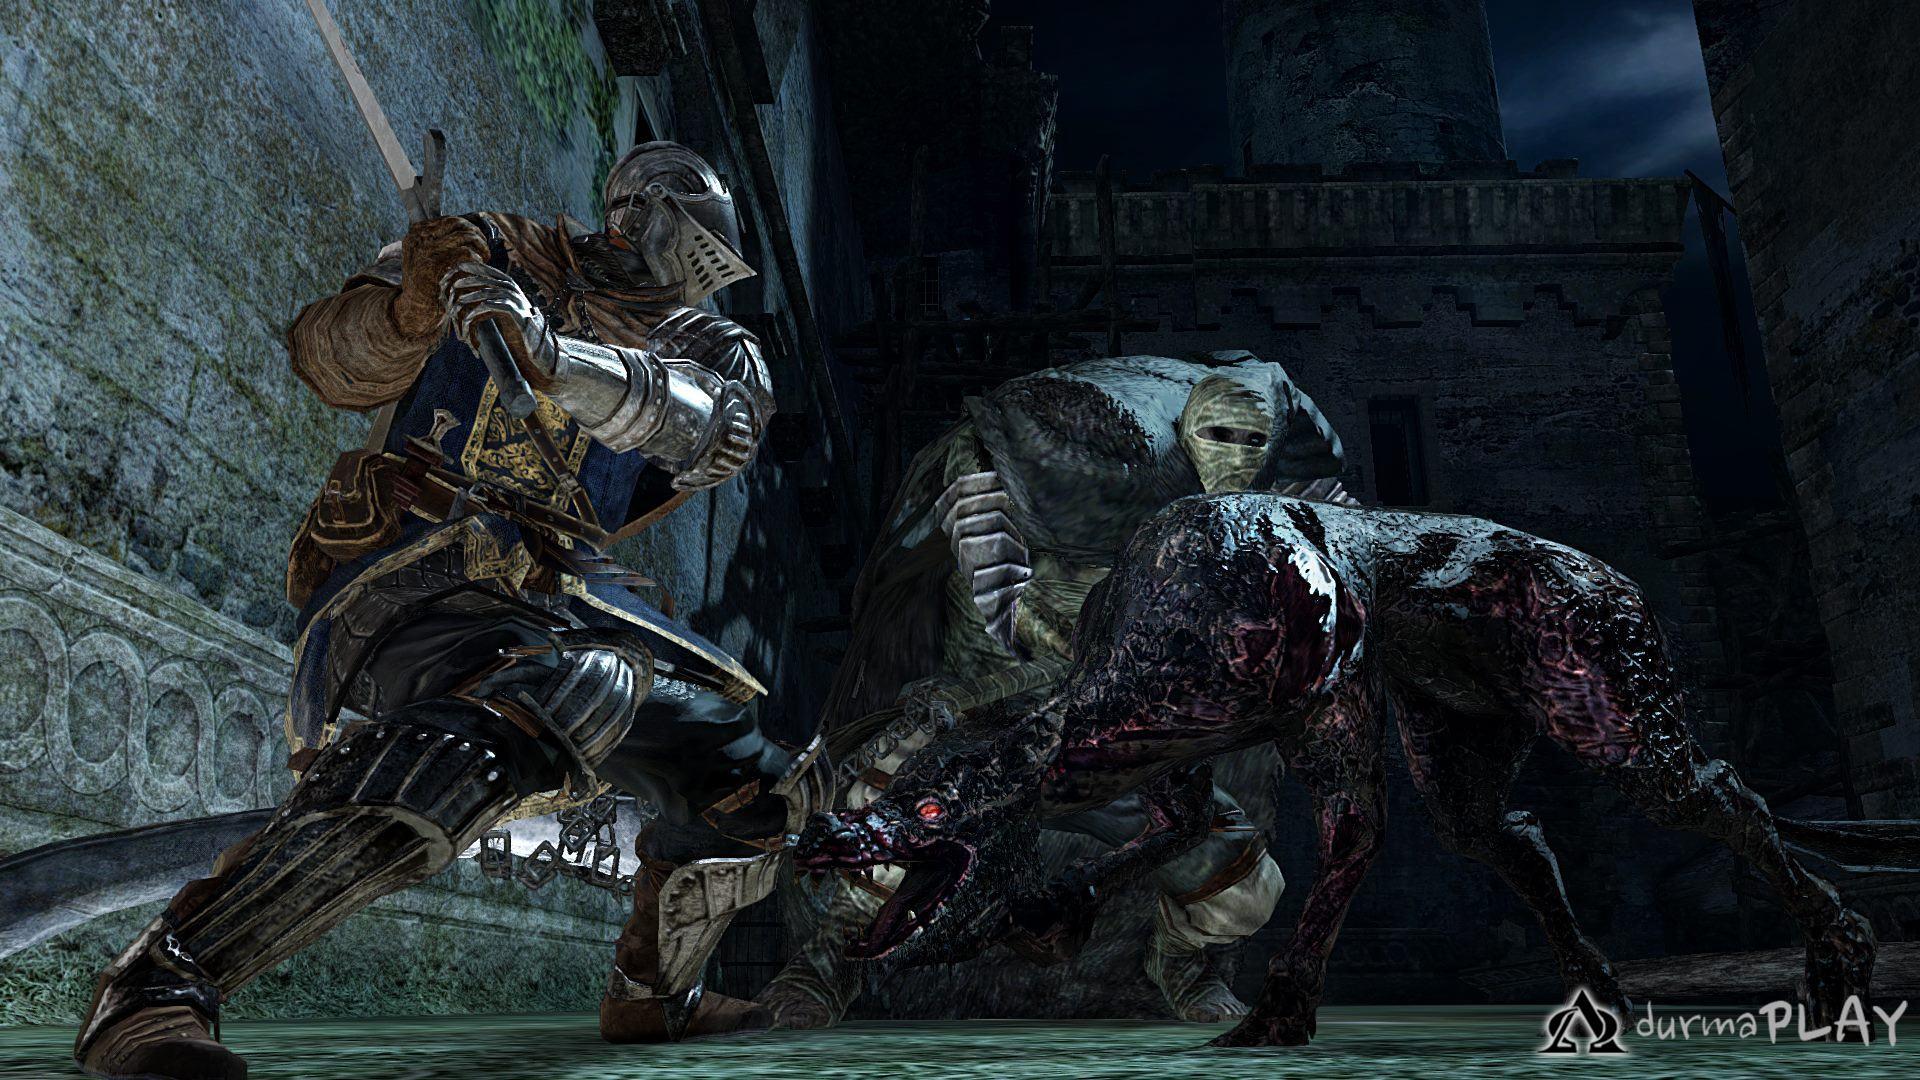 43+ Dark Souls 3 Live Wallpaper on WallpaperSafari